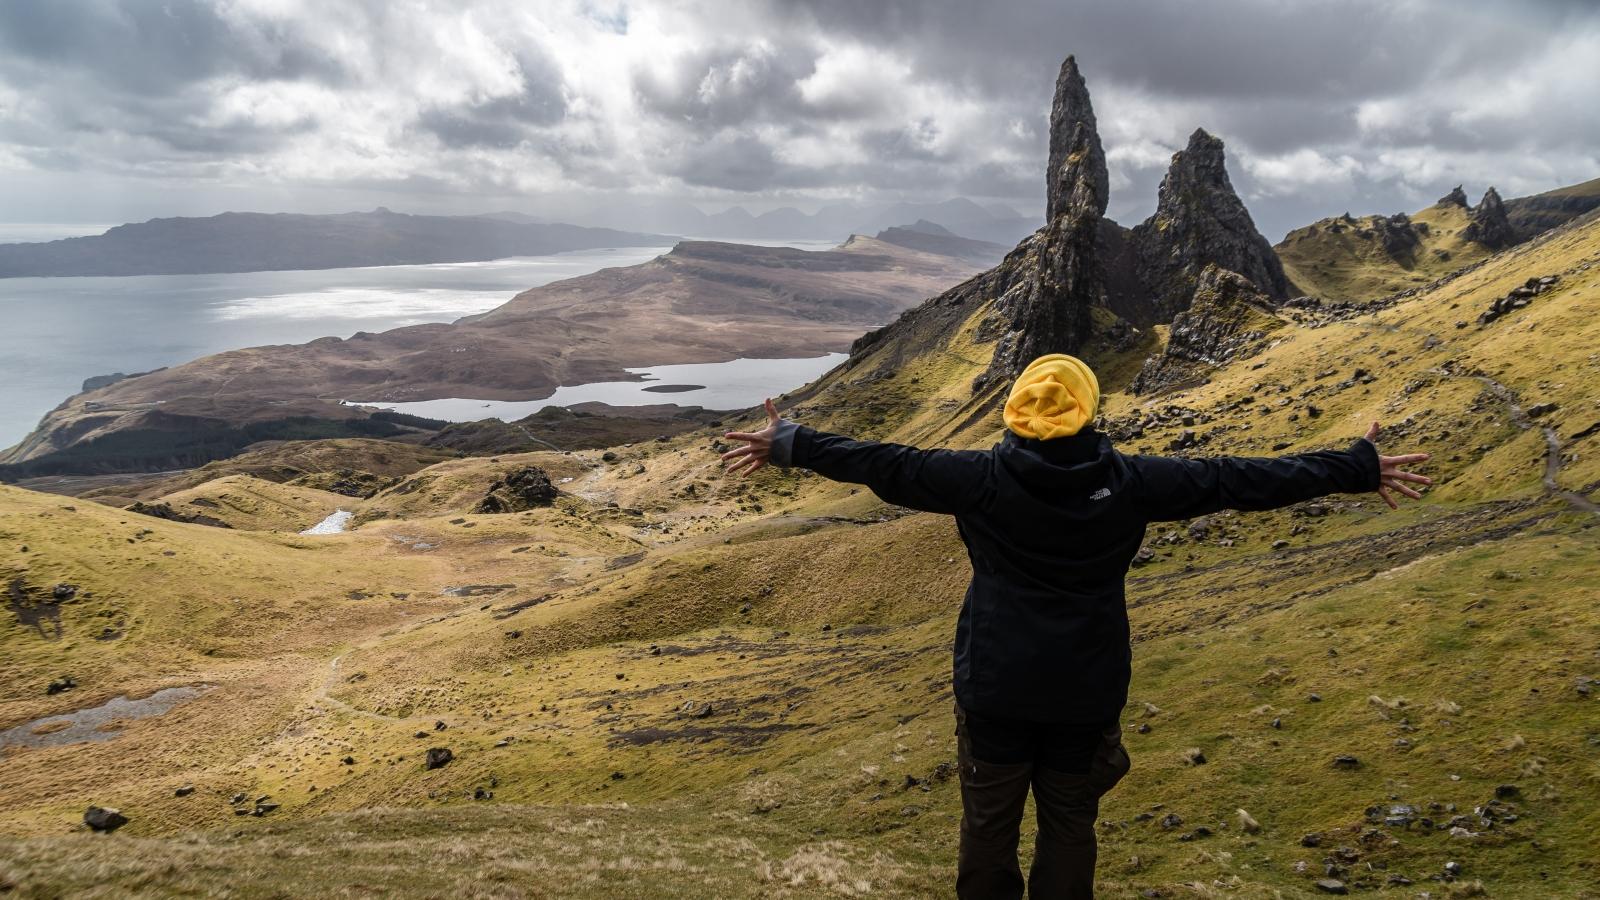 10 lời khuyên hữu ích để giữ sức khỏe khi du lịch